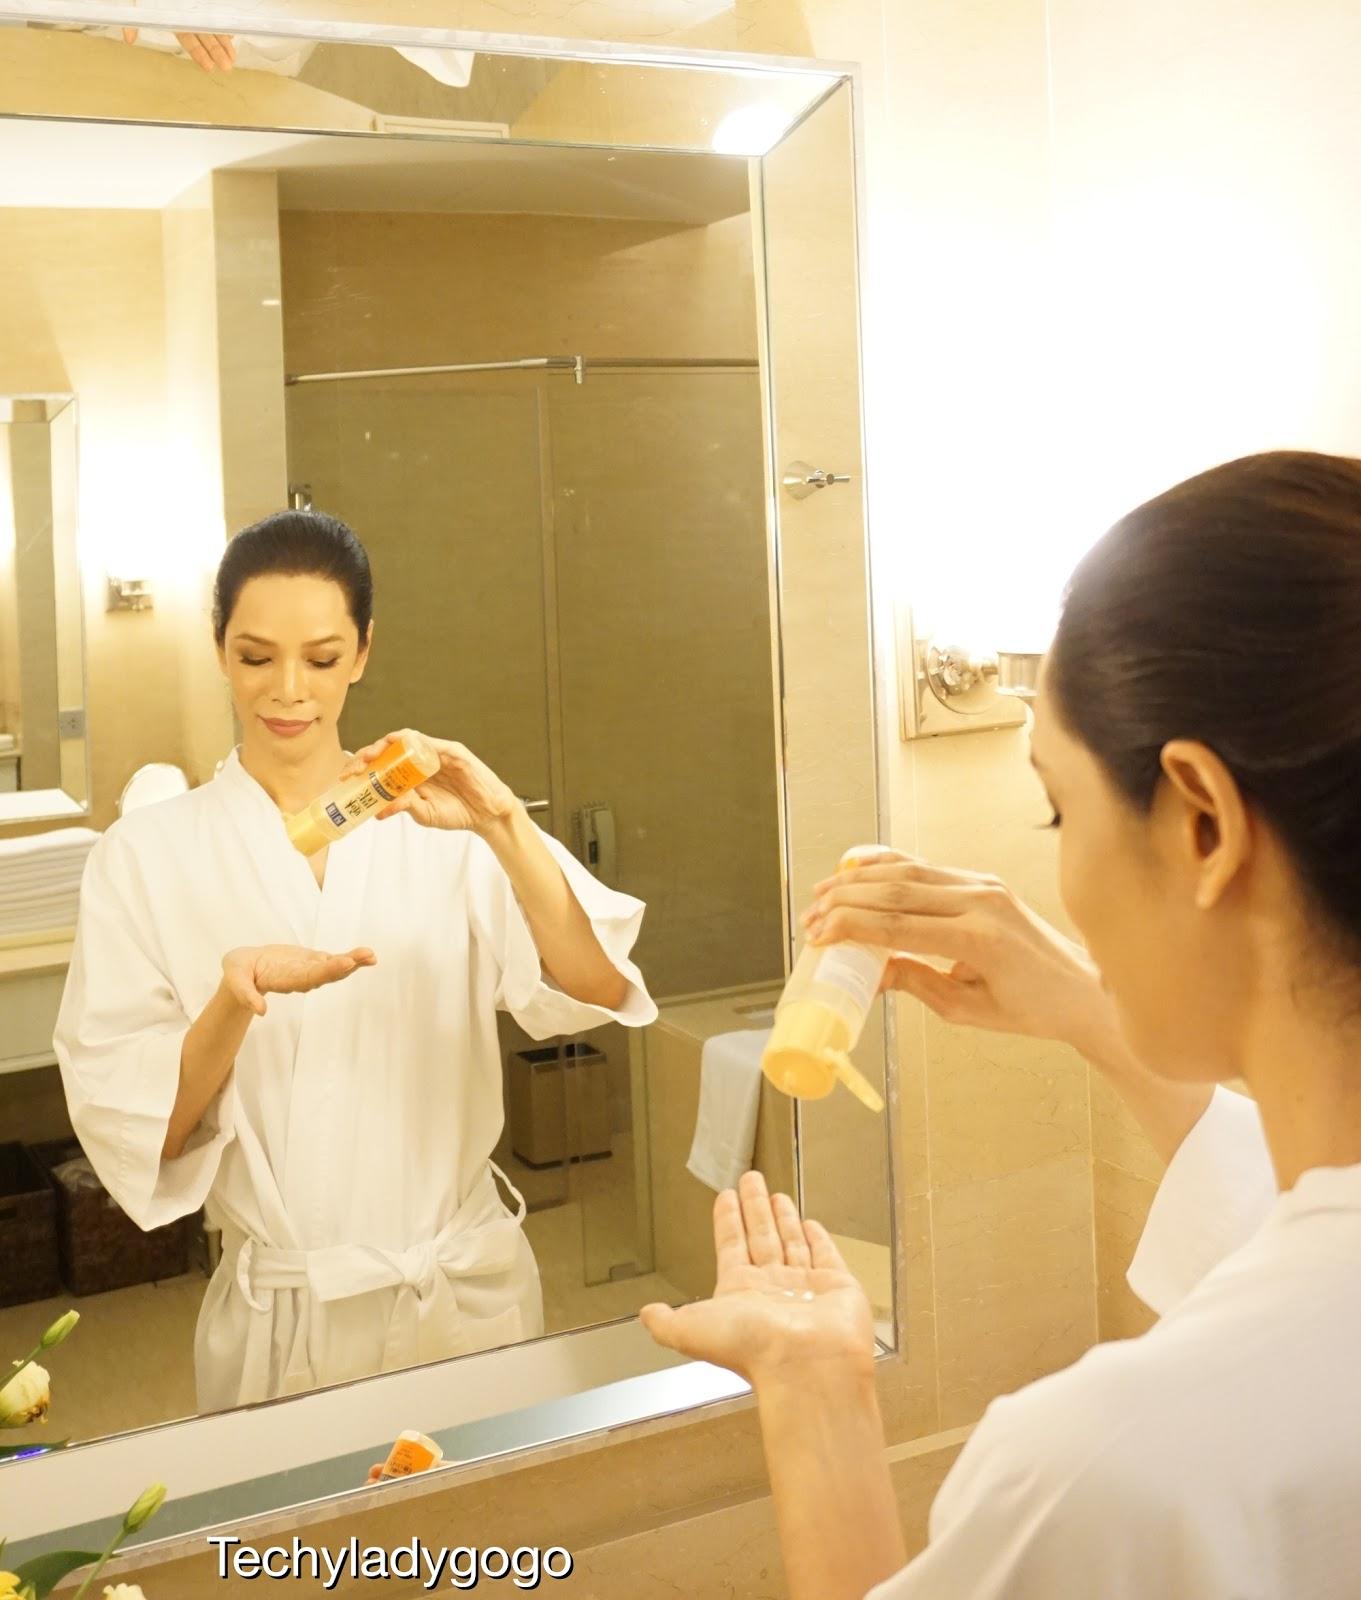 รีวิว น้ำตบ ฮาดะ ลาโบะ สีทอง Hada Labo Premium Lotion โลชั่นสูตรพรีเมียม เข้มข้น เพื่อฟื้นฟูผิวโทรมโดยเฉพาะ ให้ชุ่มชื่นยาวนาน